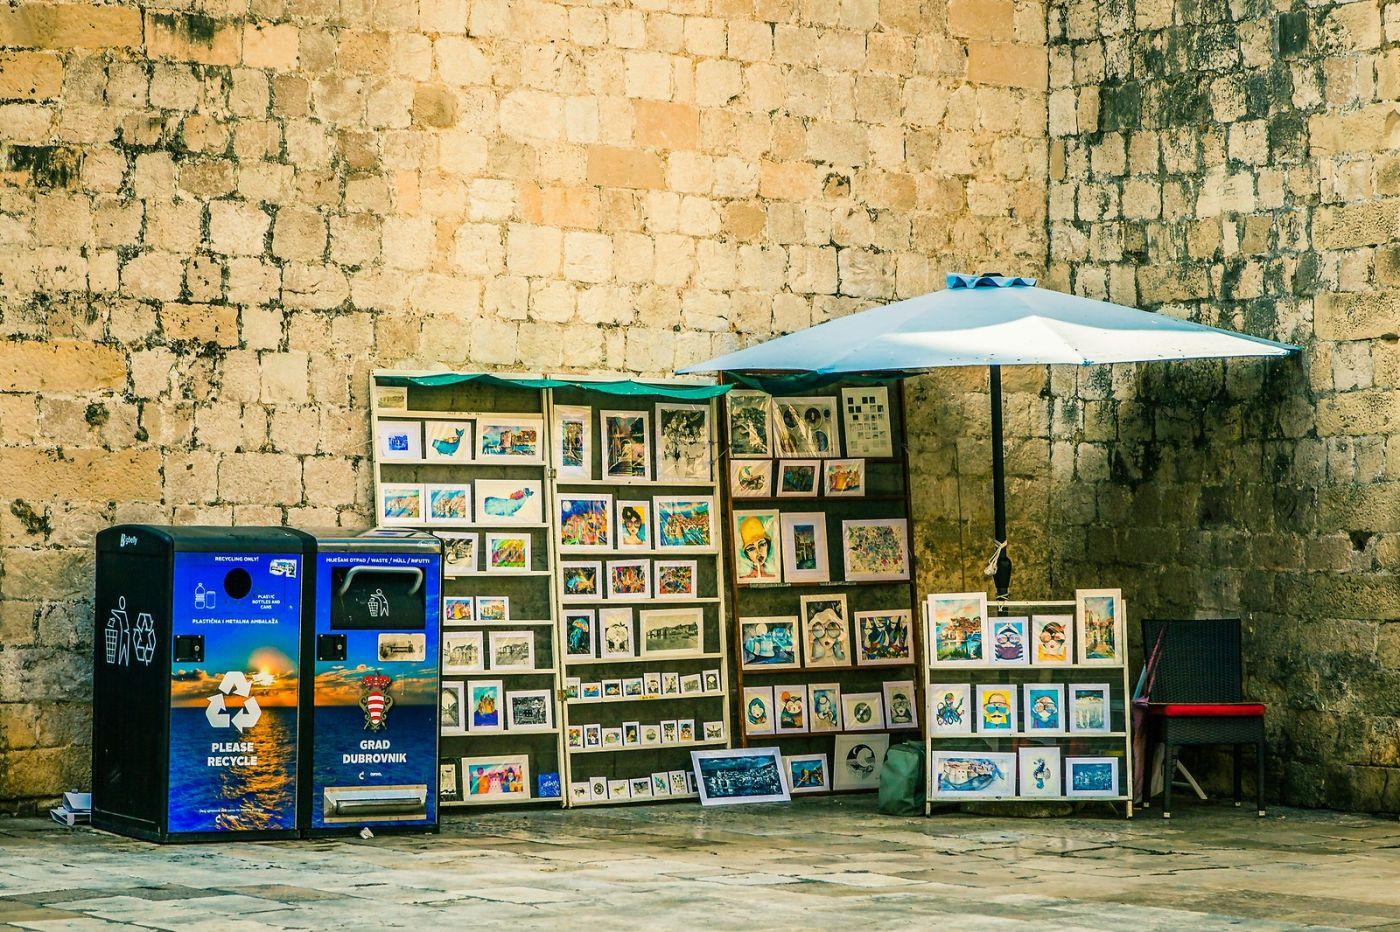 克罗地亚杜布罗夫尼克(Dubrovnik),古城小巷_图1-8